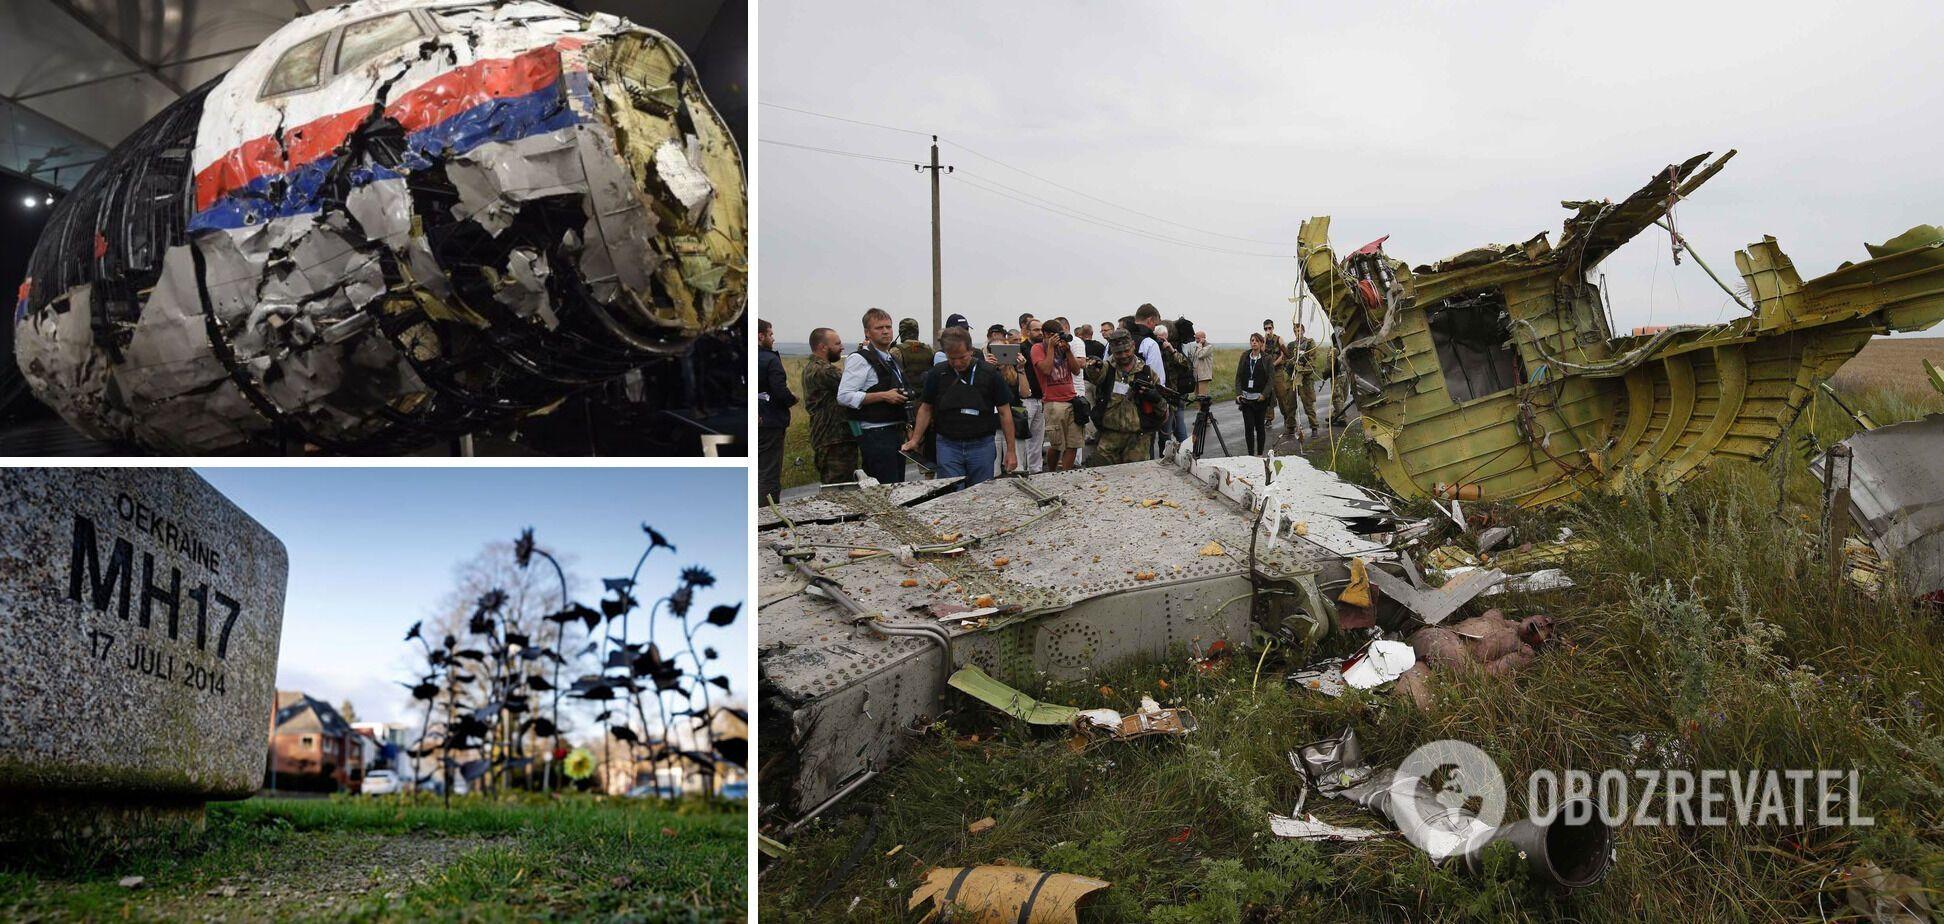 Порошенко: світ наближається до вироку за збиття MH17 над Донбасом